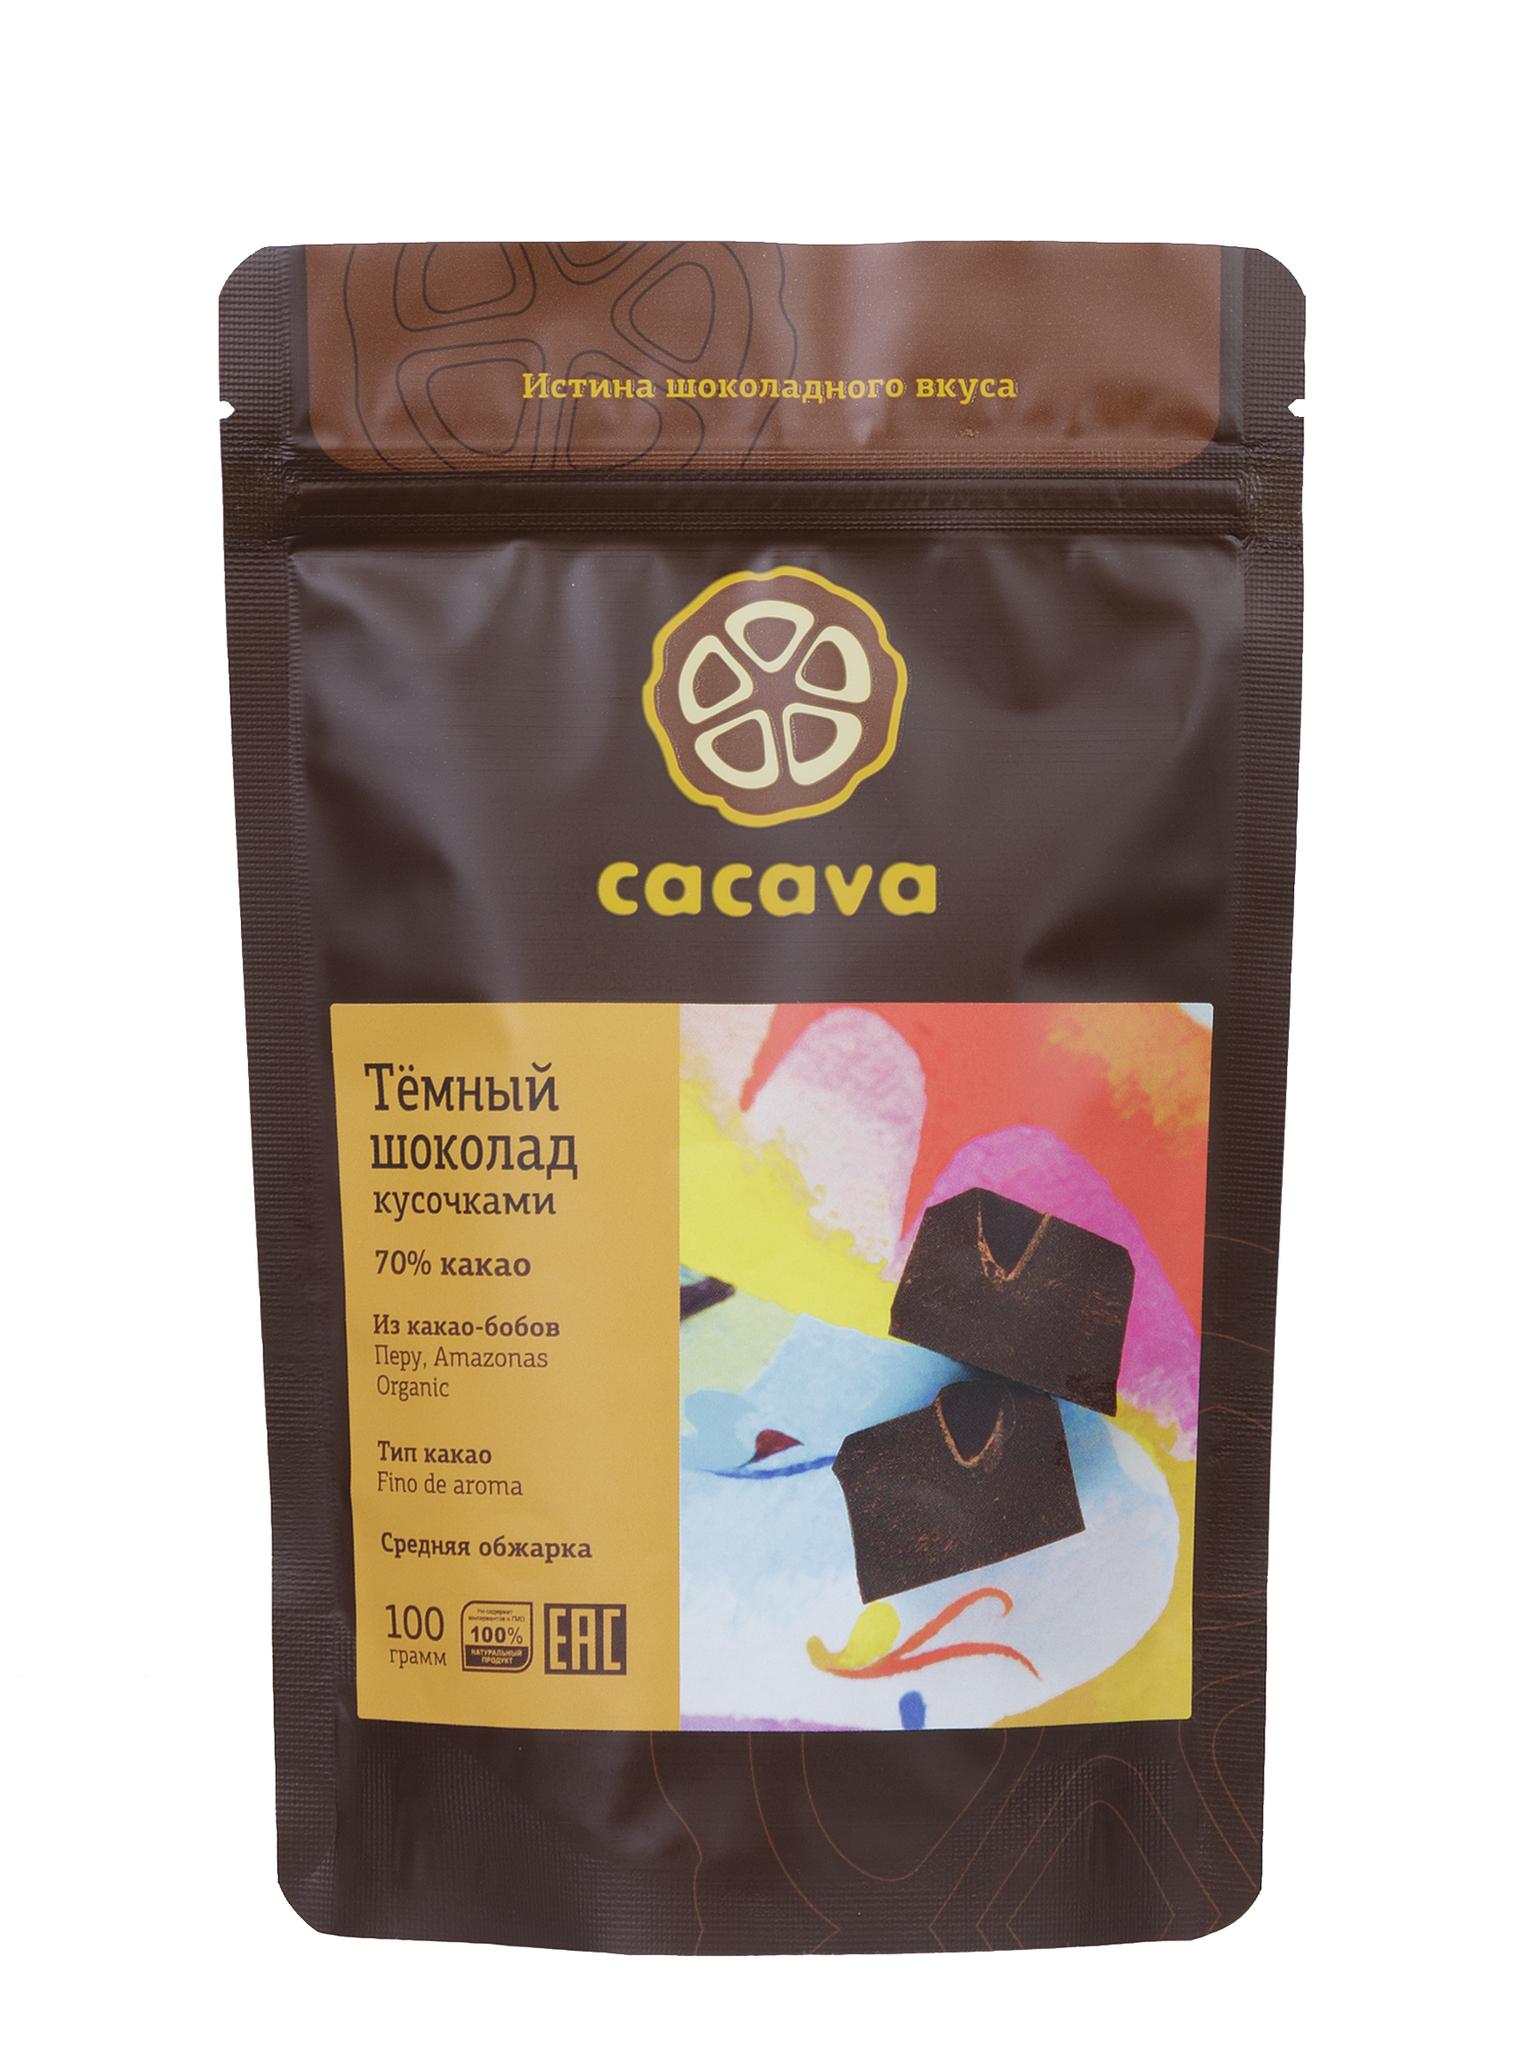 Тёмный шоколад 70 % какао (Перу, Amazonas), упаковка 100 грамм